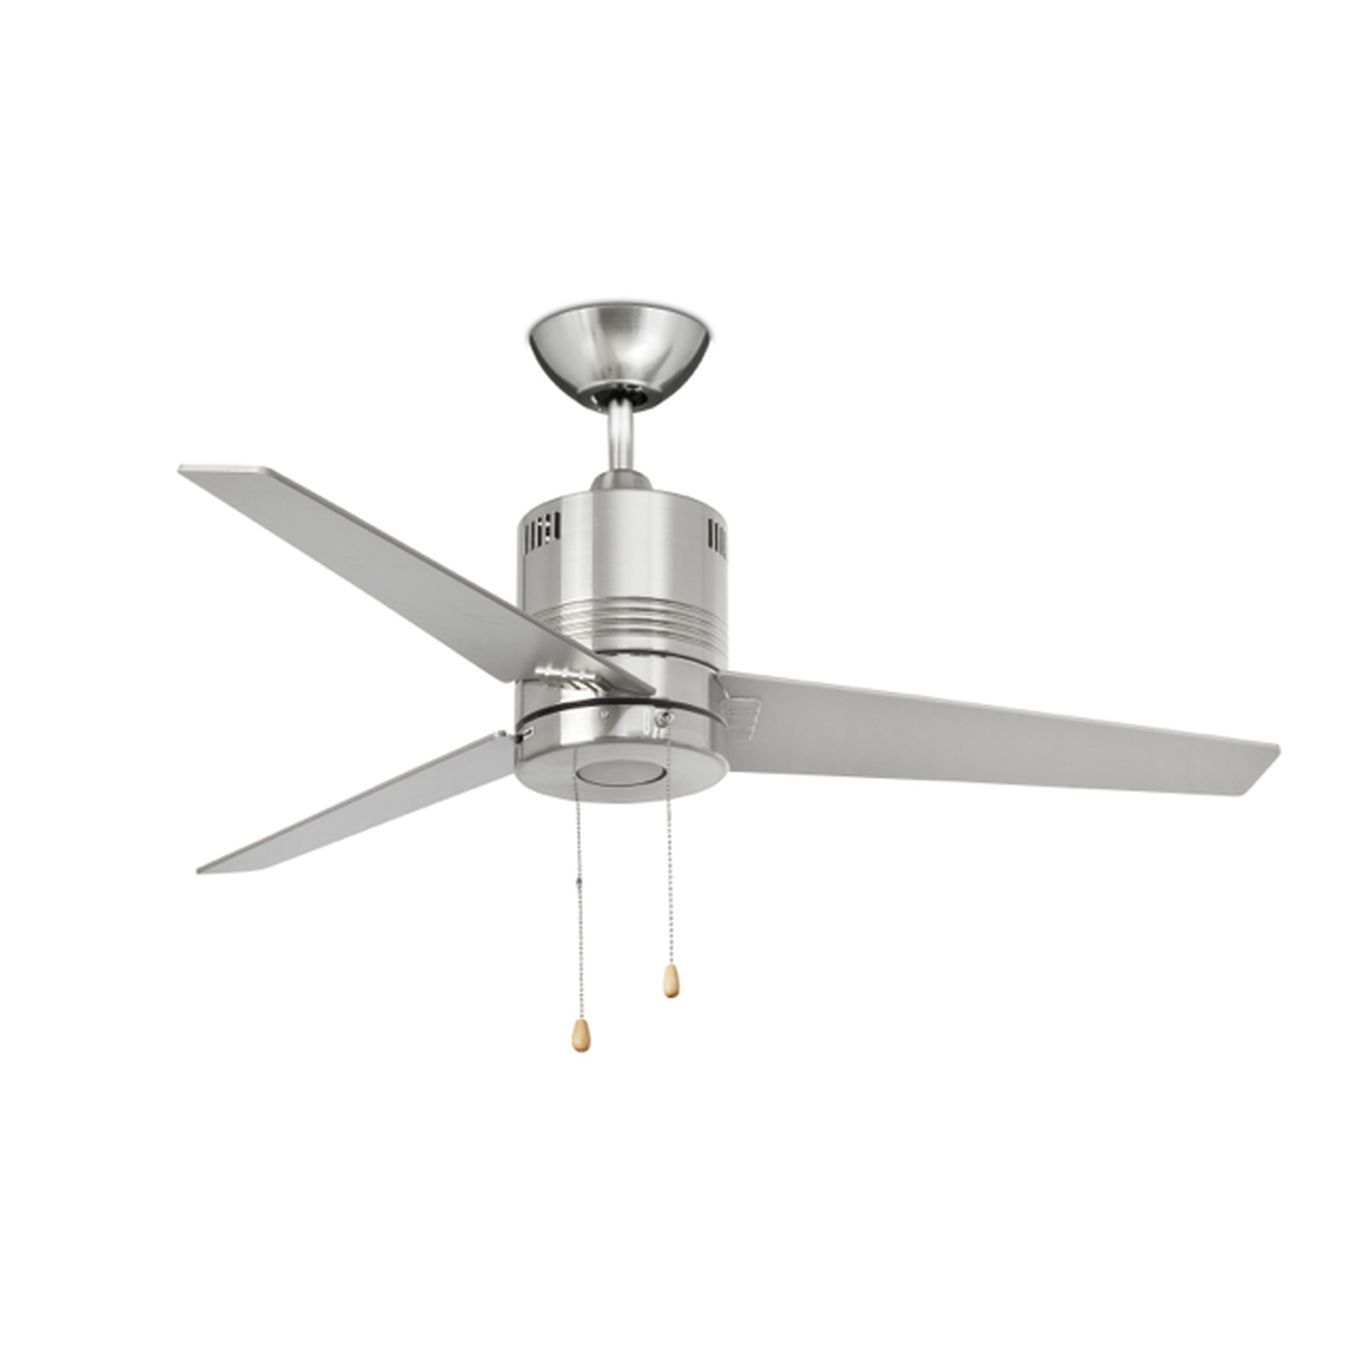 Ventilador de techo con luz moderno ventiladores decoracion verano climatizacion calor - Ventilador de techo moderno ...